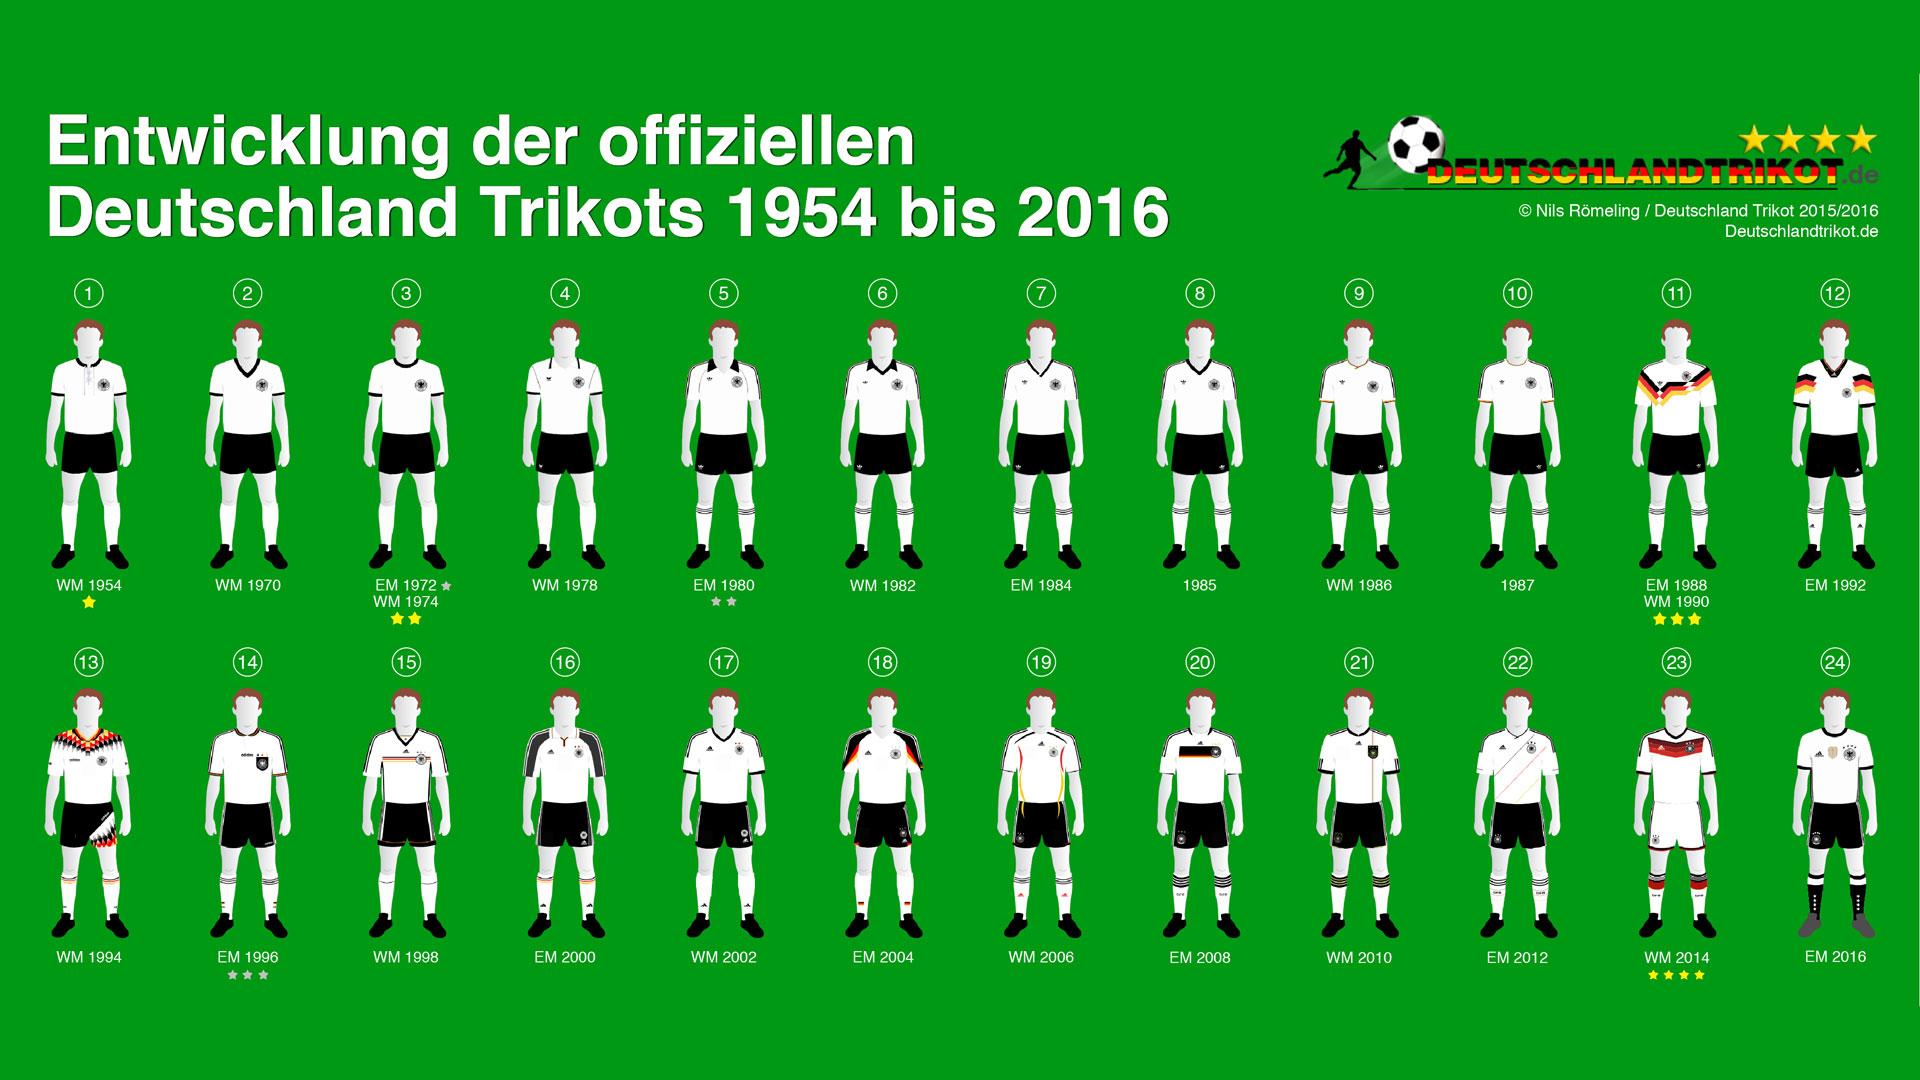 http://www.deutschlandtrikot.de/alle-deutschland-trikots